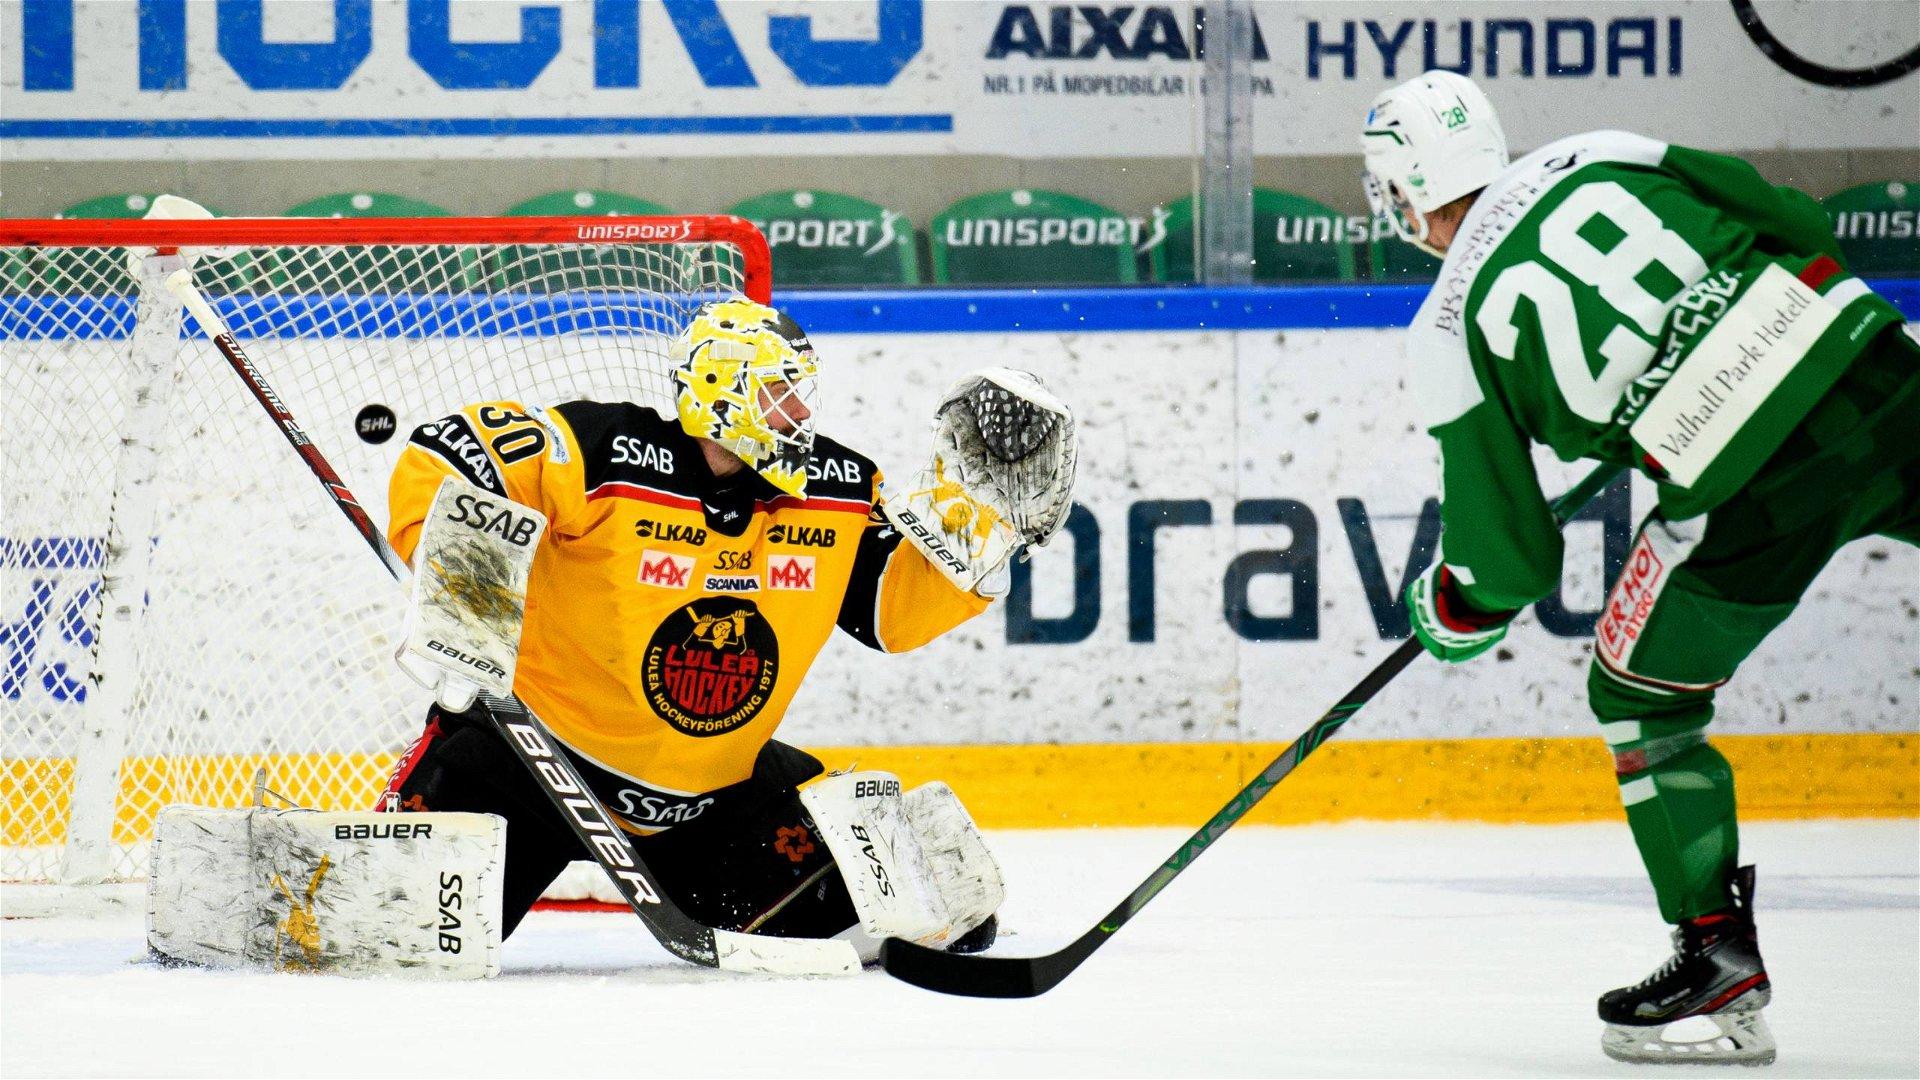 Rögles Anton Bengtsson sätter den avgörande straffen bakom Luleås David Rautio.